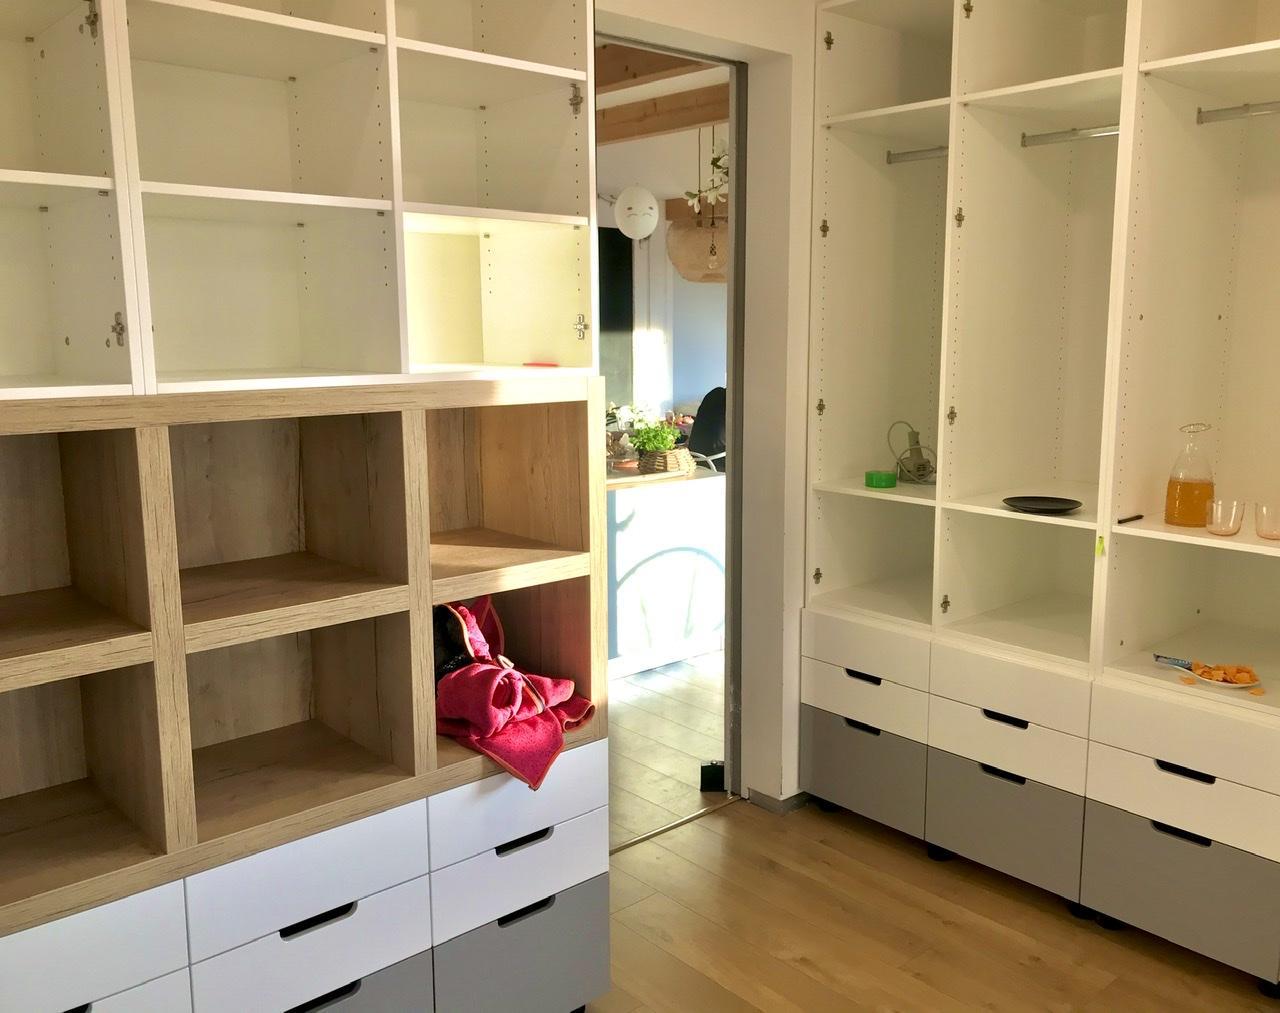 Naše L-ko - začiatok 4. roku bývania - Detská izba - moje 5 ročné skice sa konečne zhmotňujú. Lava skrina hlbka 40 viacmenej na knizky. Prava uložna hlbka 70 cm